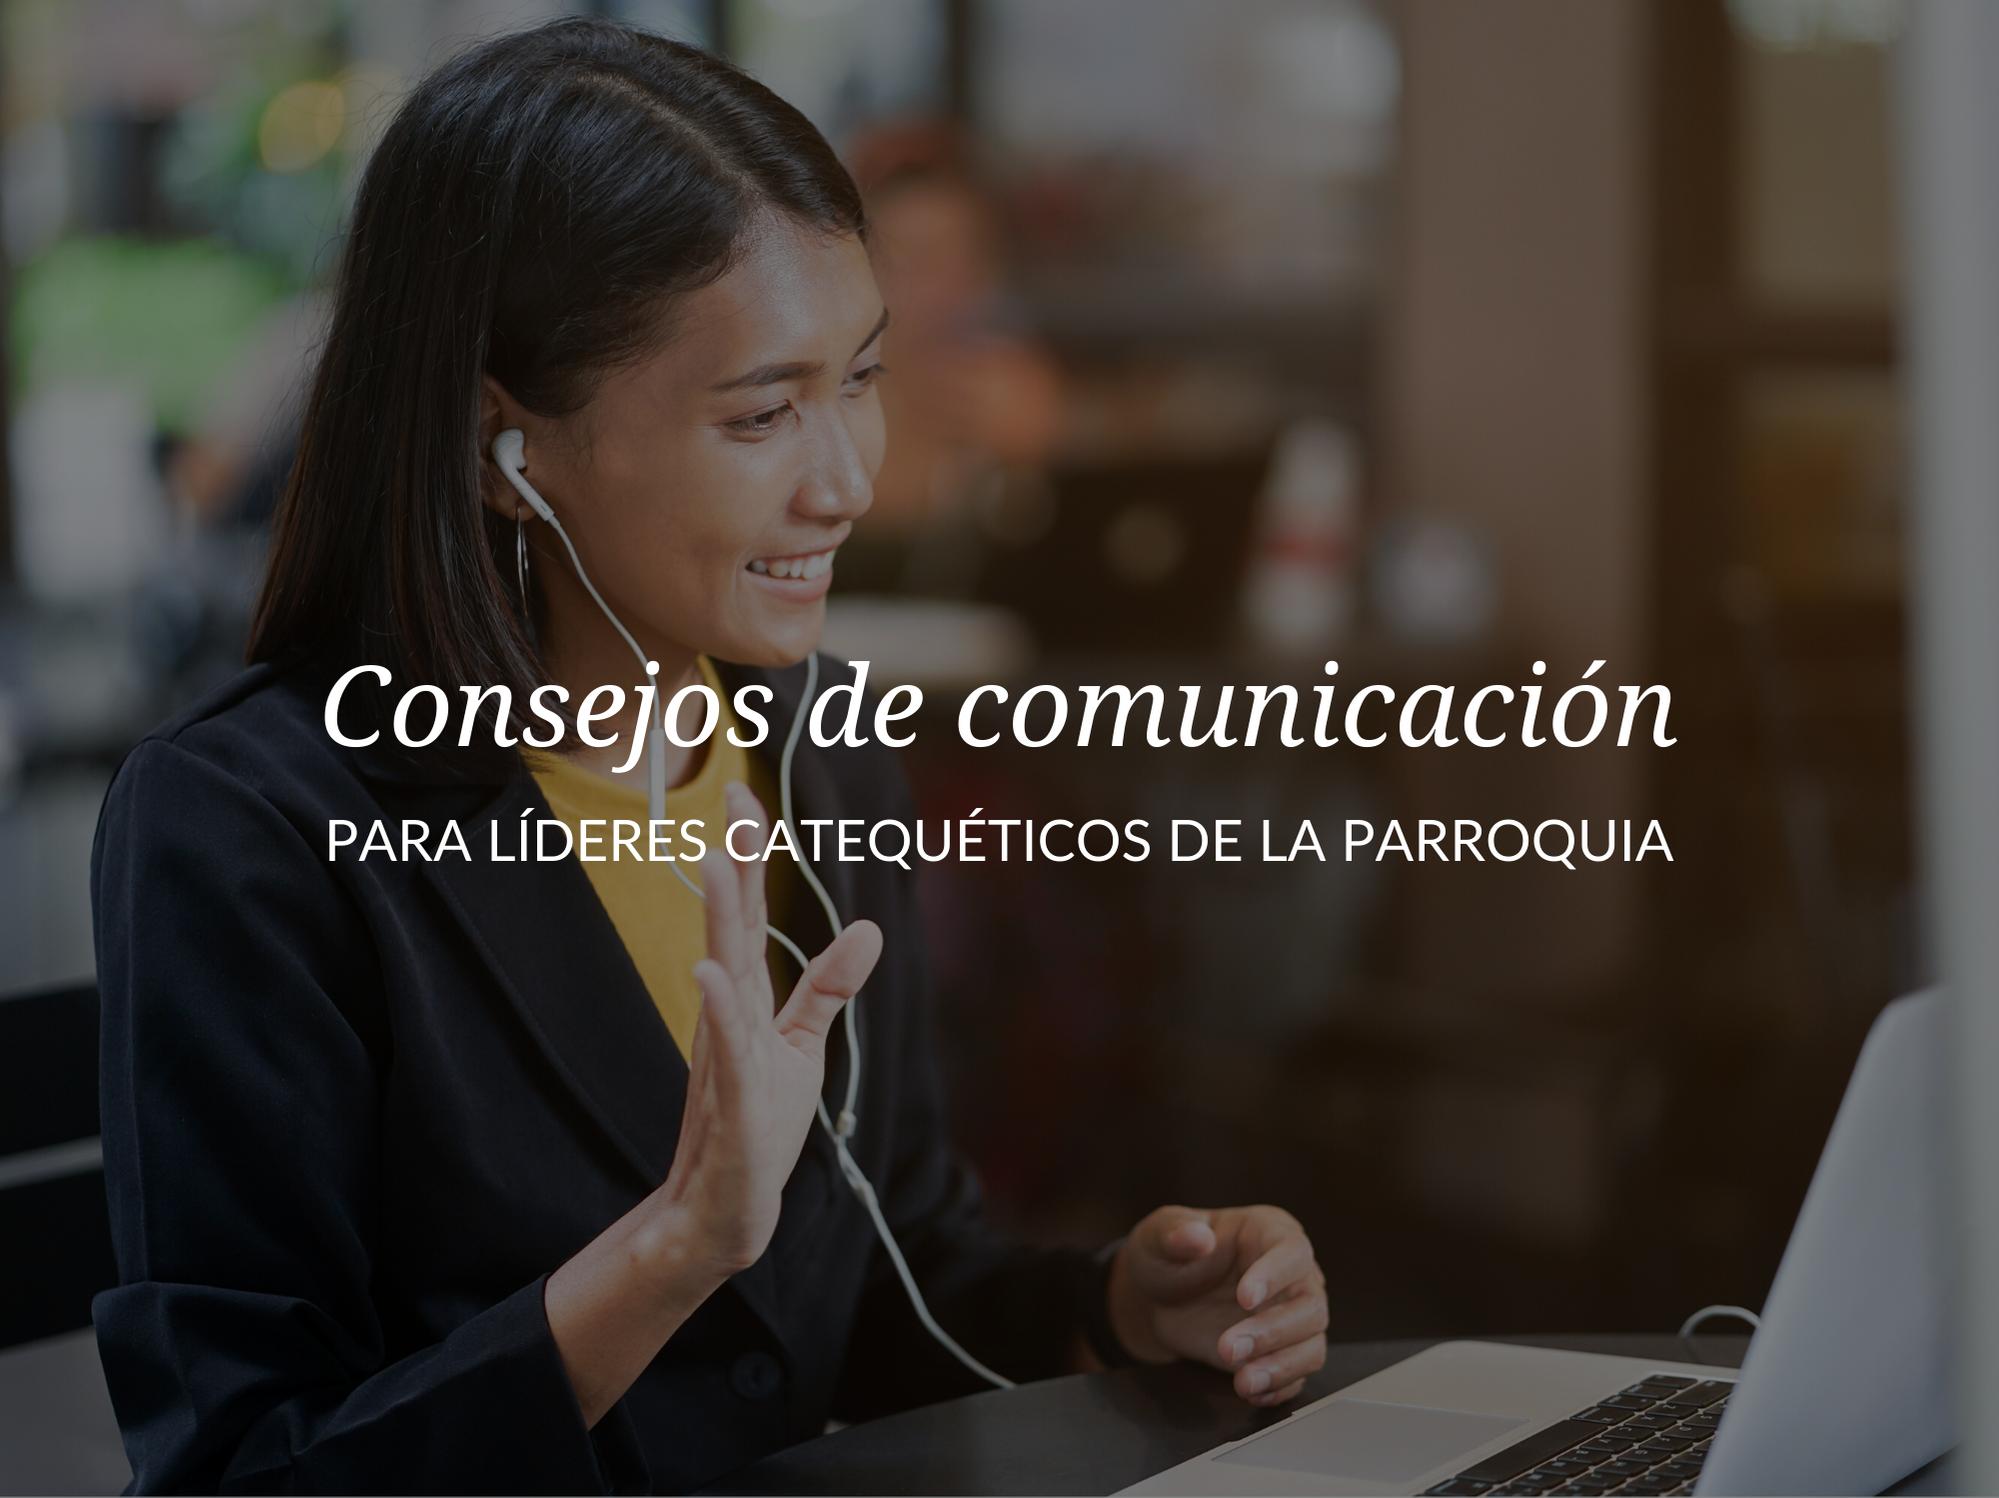 Consejos de comunicación para líderes catequéticos de la parroquia